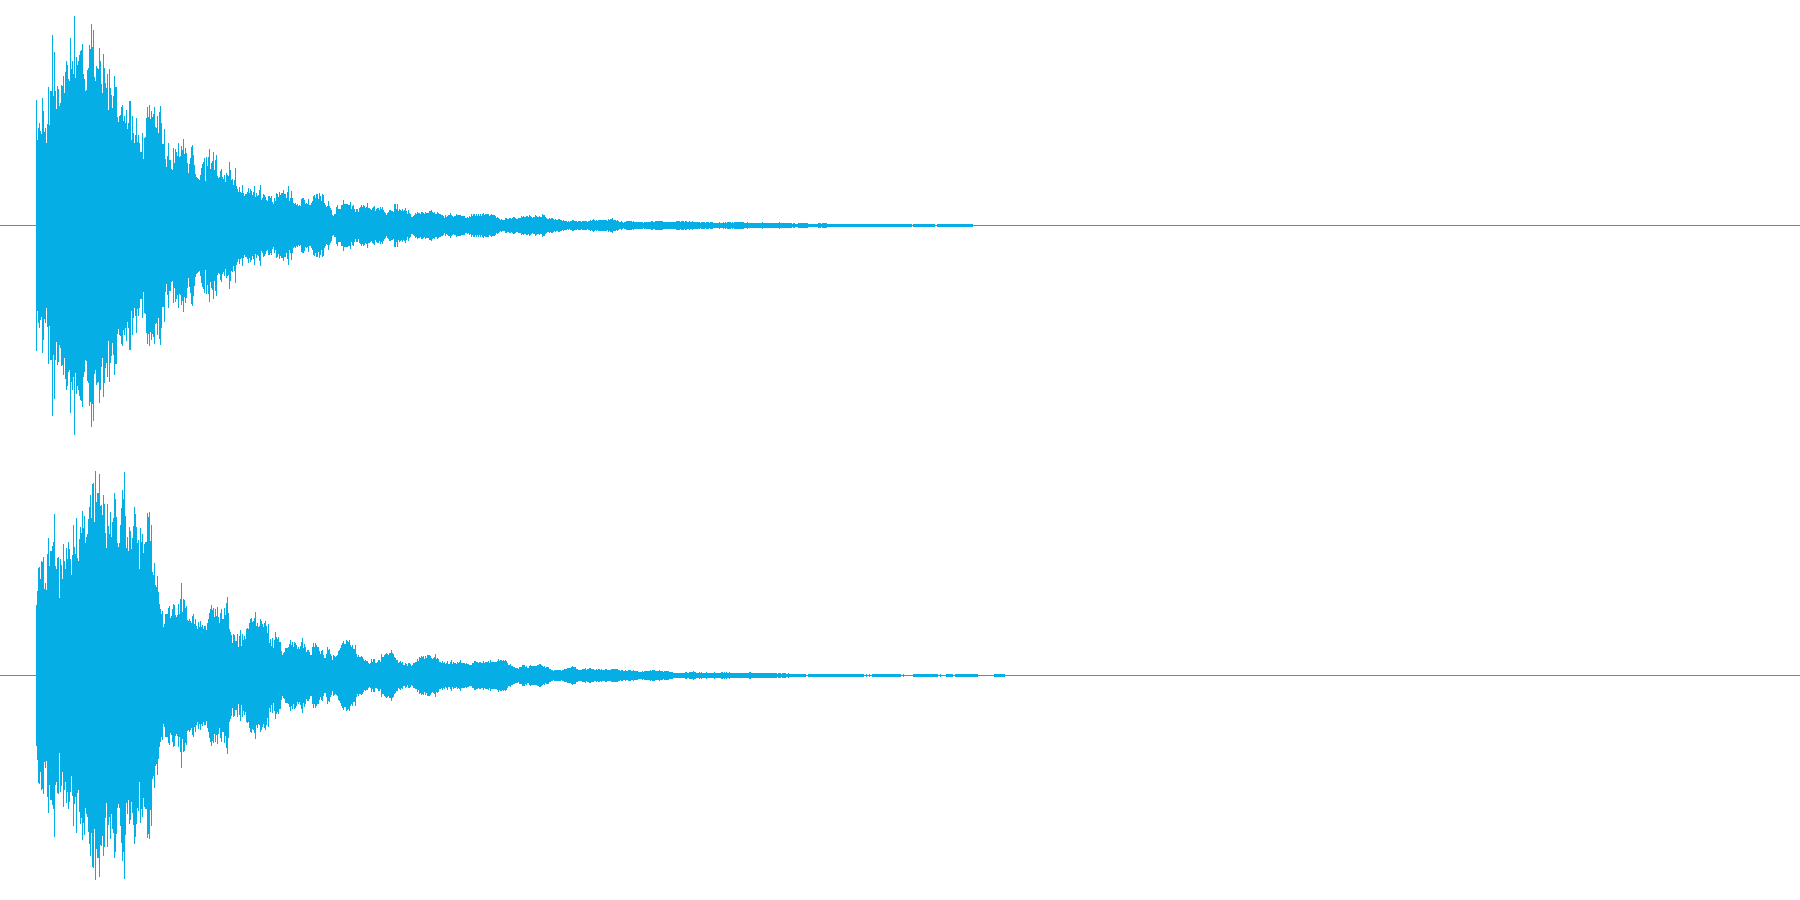 キラーン③(星・コイン・輝く・アイテム)の再生済みの波形